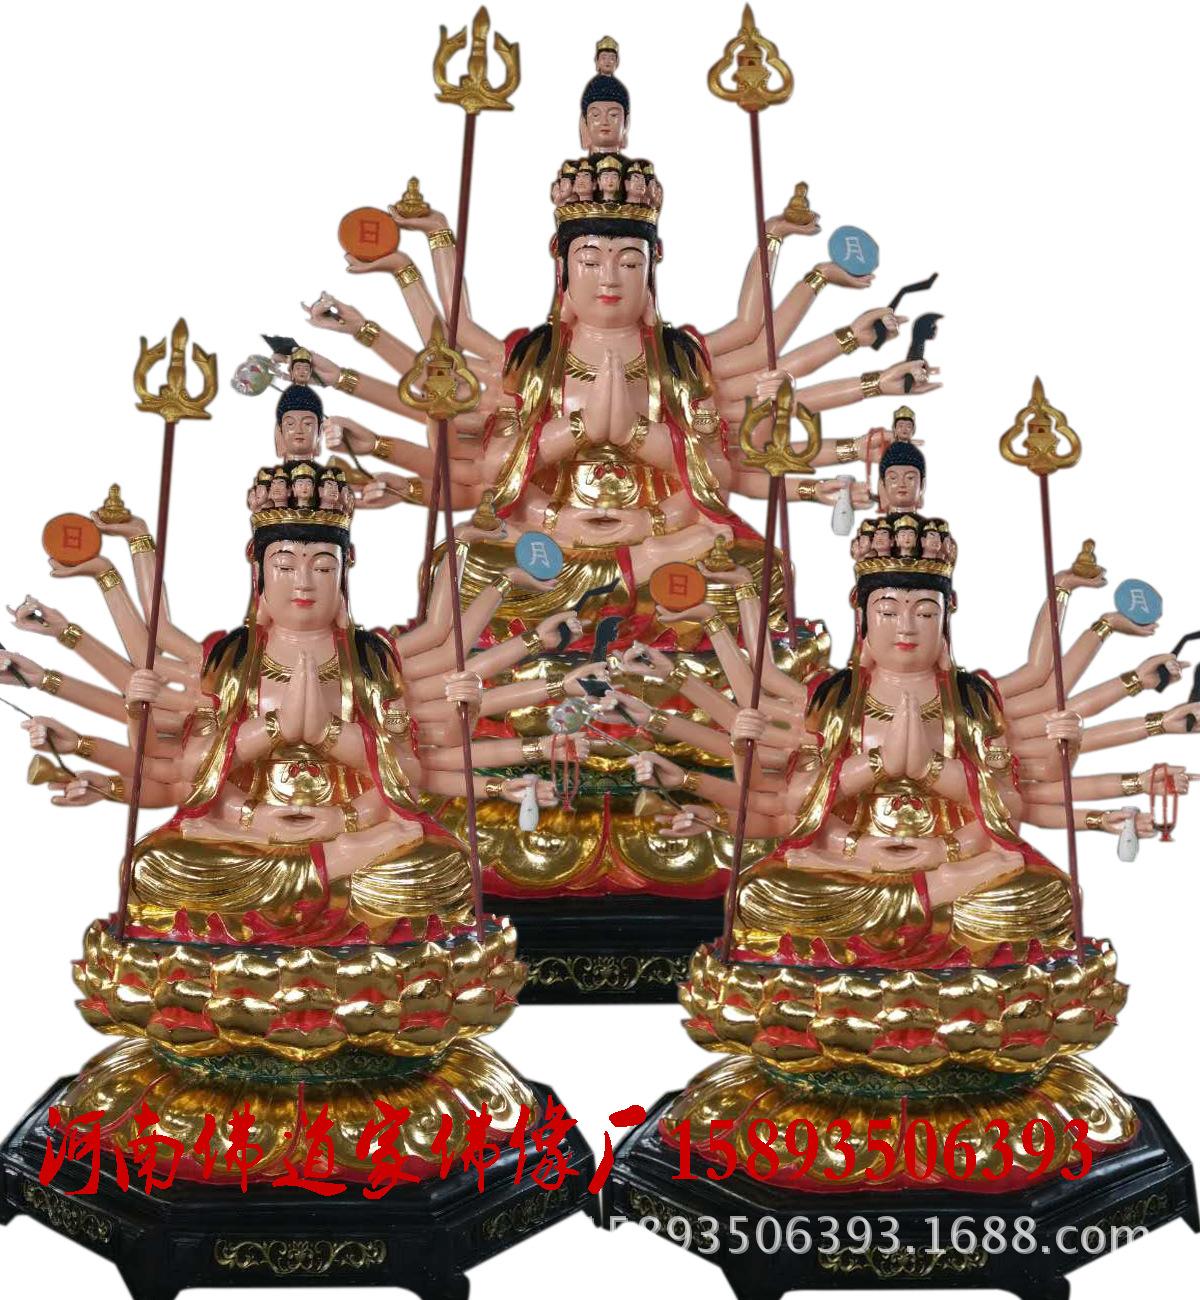 1.8米财神爷神像 如意元宝财神 彩绘玻璃钢树脂佛像厂家直销批发示例图7